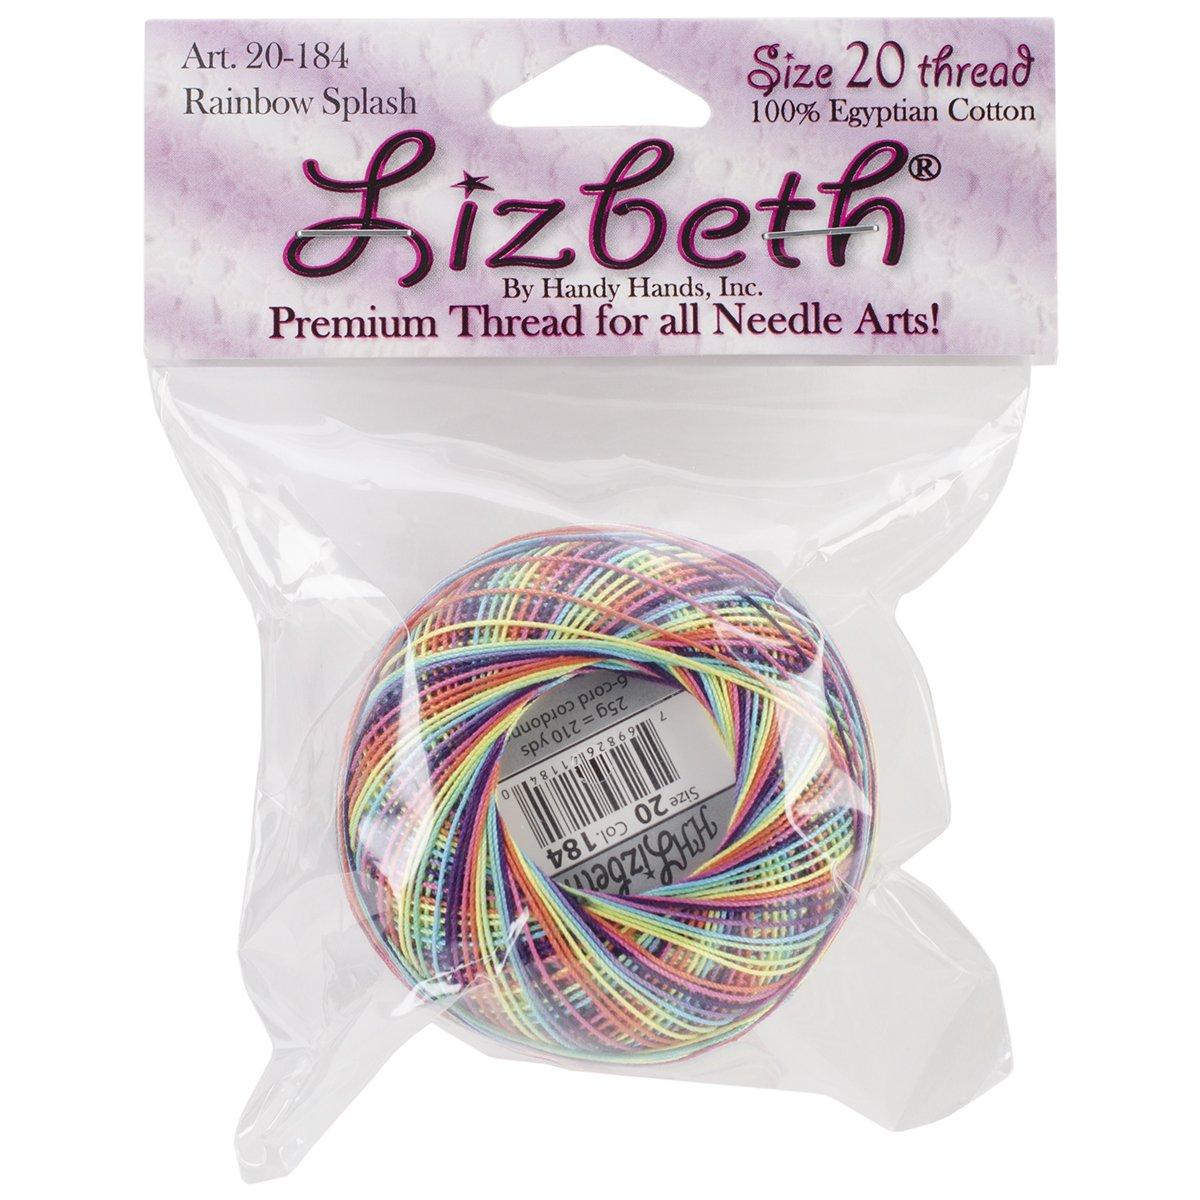 Dusty Rose Handy Hands HH10621 Lizbeth Premium Cotton Thread